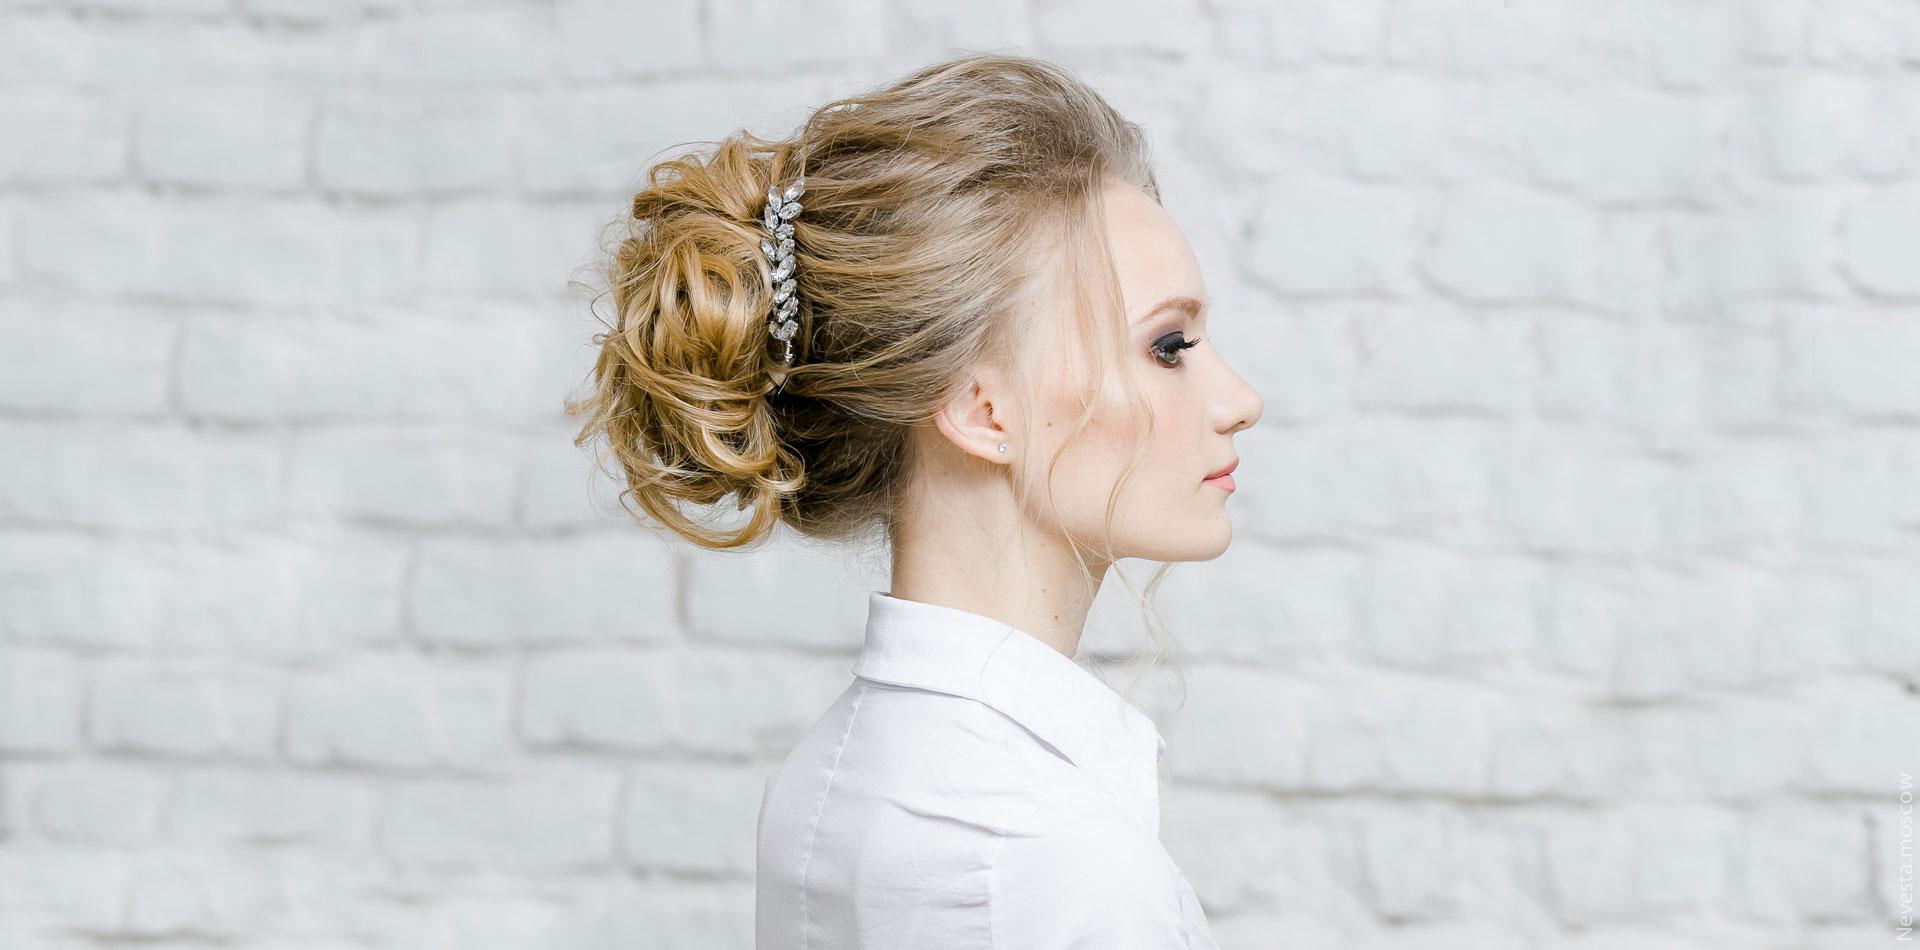 Тенденции 2016 –  максимальная натуральность: стилист Наталья Сачдева фото 2